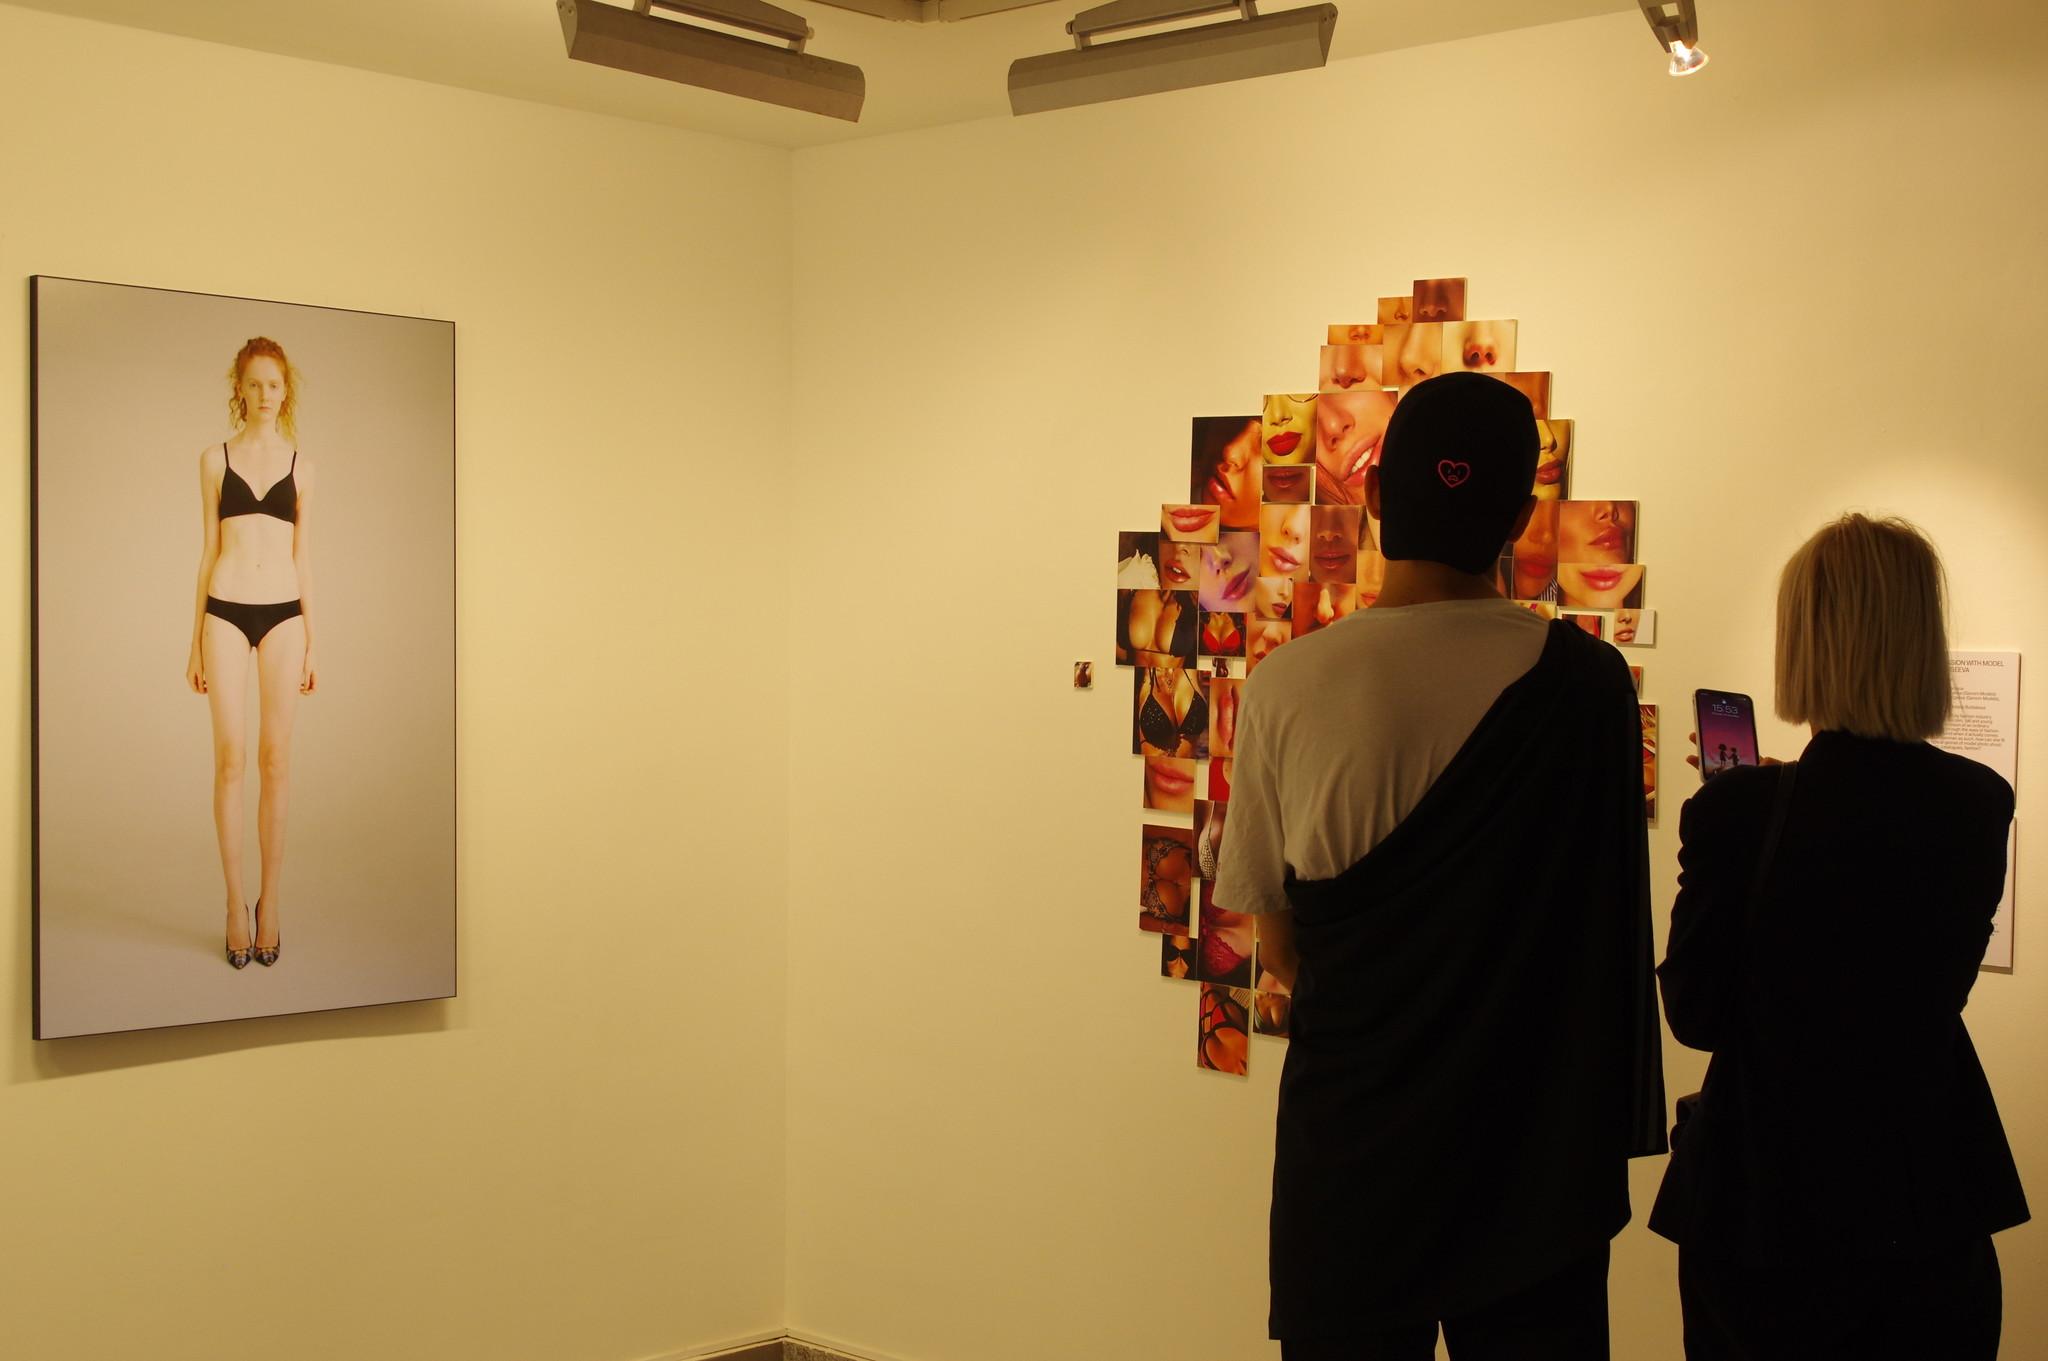 Выставка Ильмиры Болотян «Нематериальный труд» в Музее современного искусства